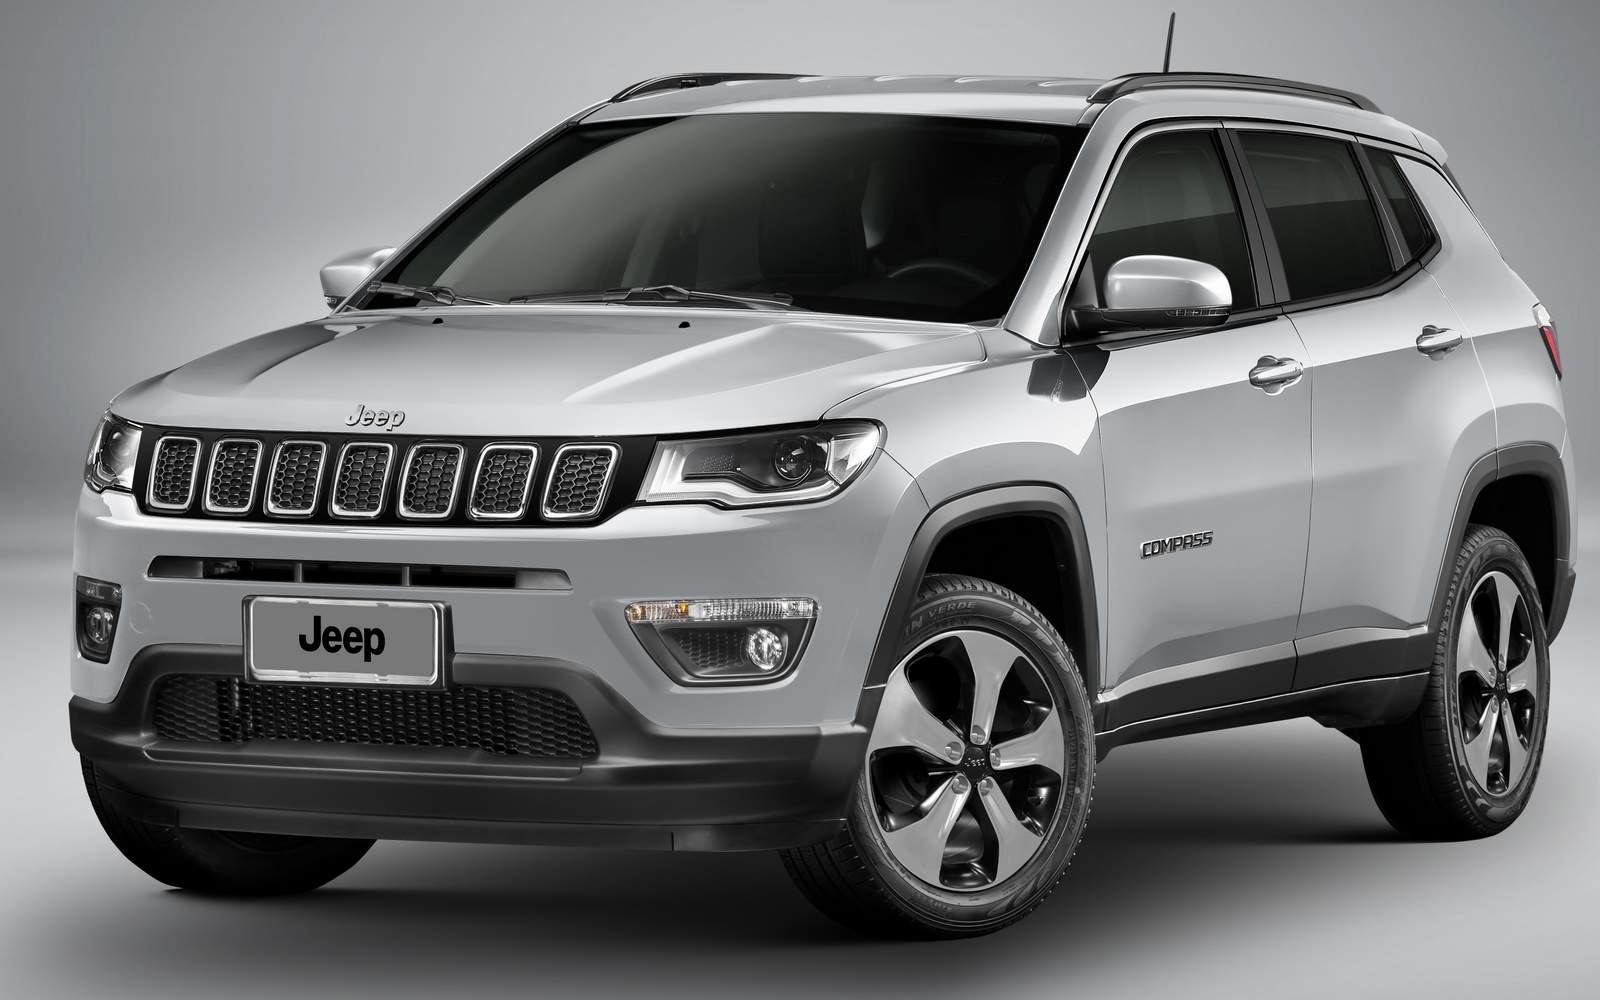 jeep compass flex autom tico desempenho e consumo car blog br. Black Bedroom Furniture Sets. Home Design Ideas